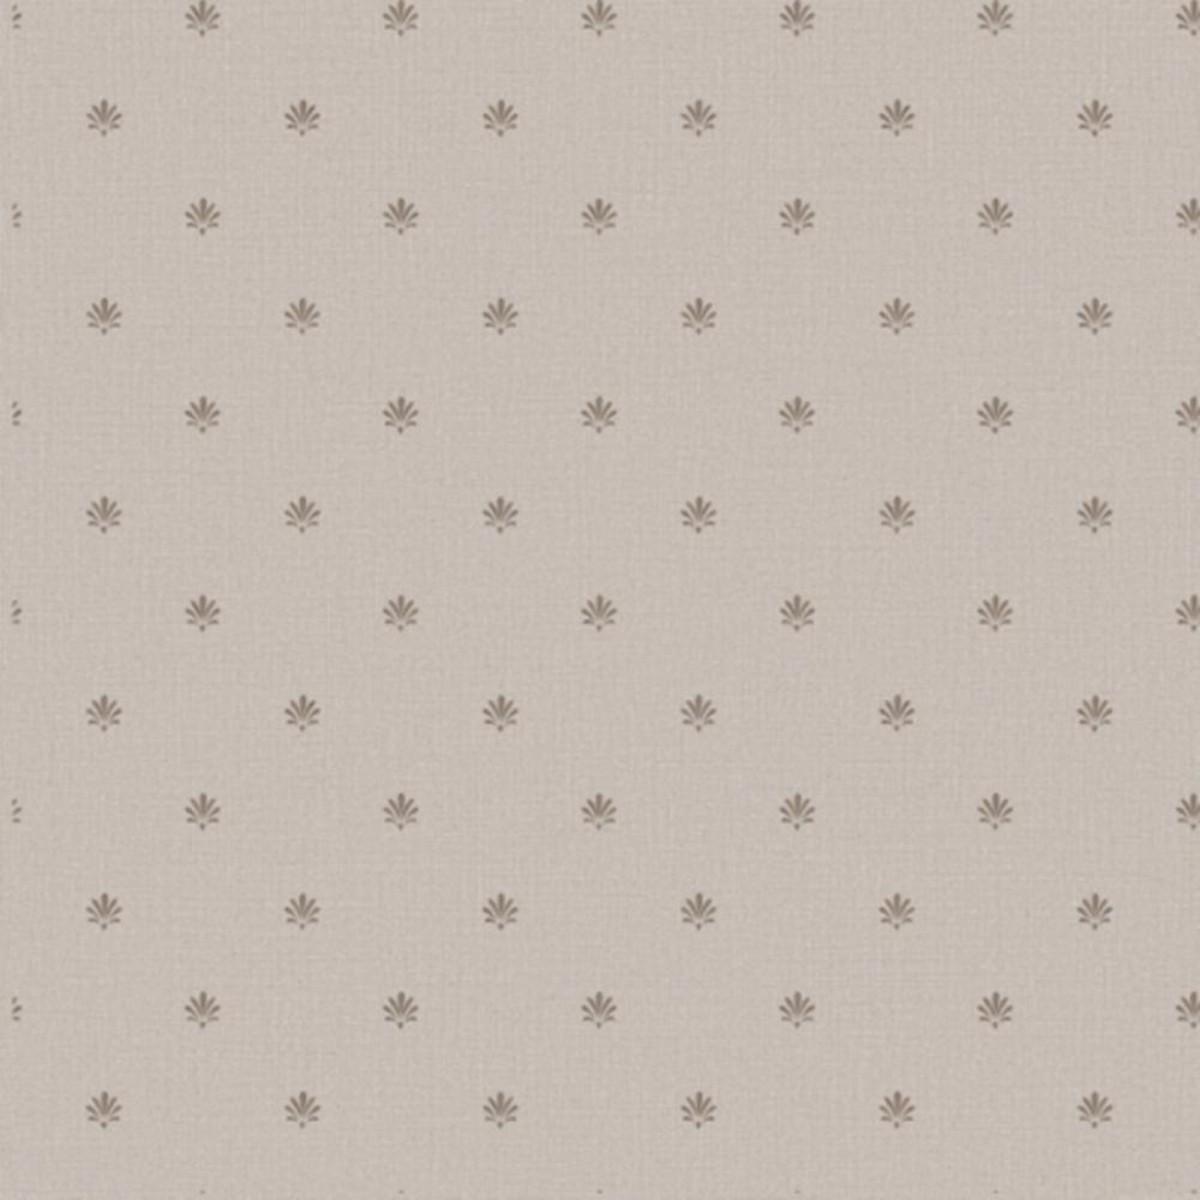 Обои виниловые Aura Texture World серые 0.53 м 530106